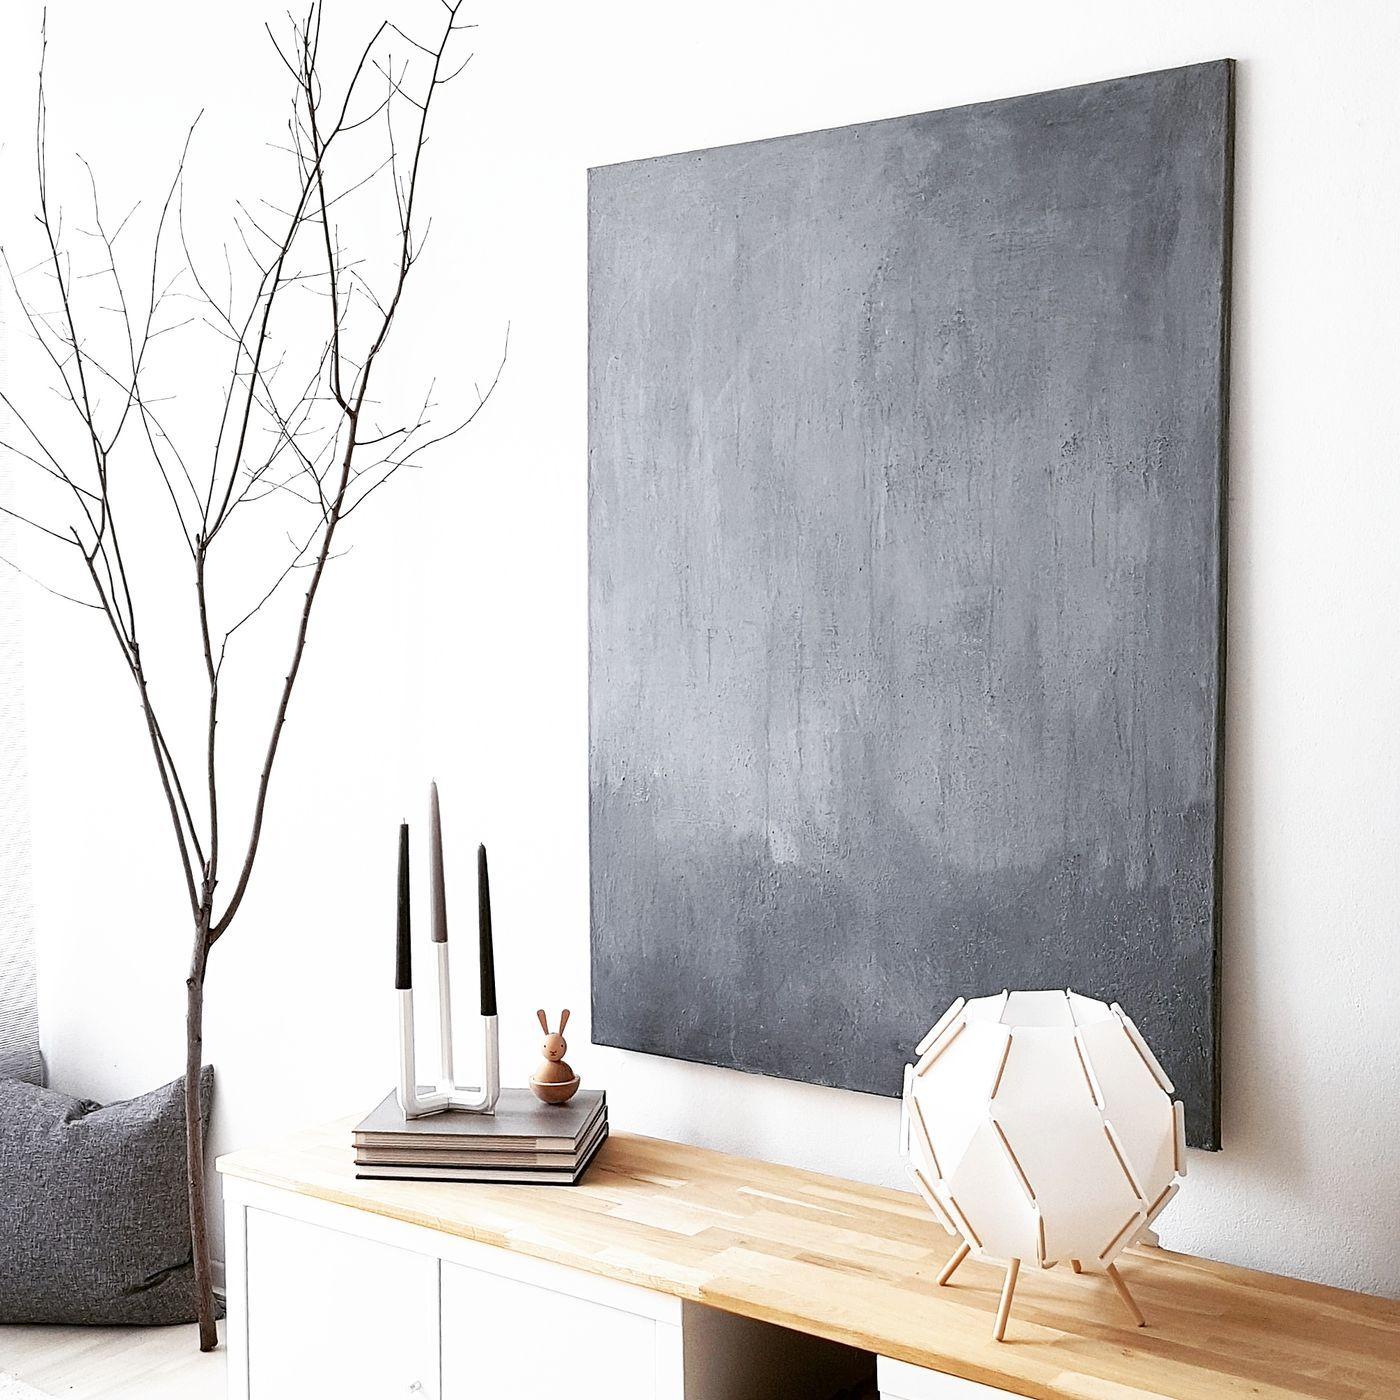 Full Size of Schnsten Ideen Mit Ikea Leuchten Sofa Schlaffunktion Betten 160x200 Küche Kaufen Kosten Miniküche Bei Modulküche Wohnzimmer Hängelampen Ikea